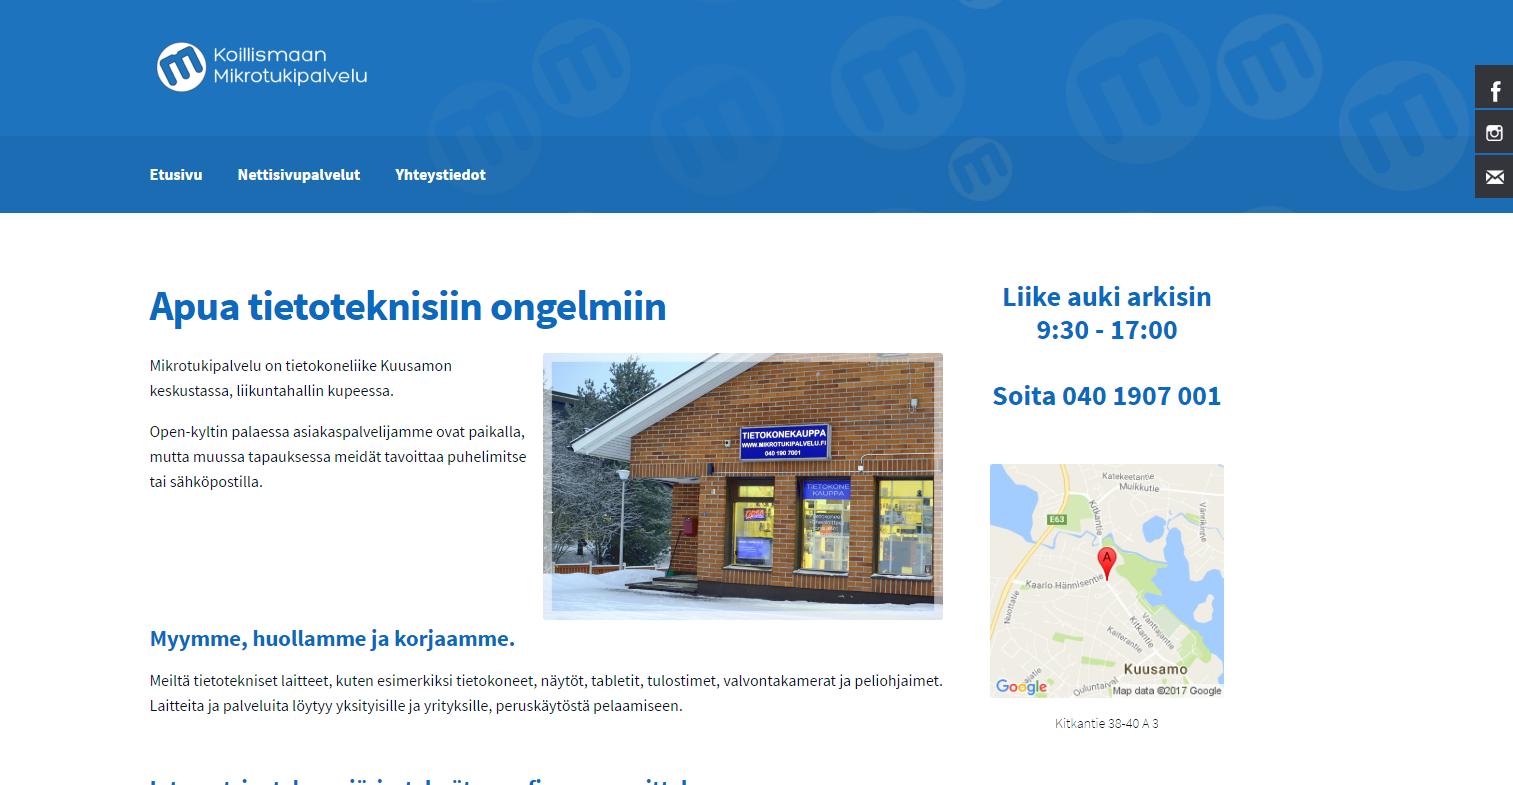 Nettisivut ja verkkokauppa: Koillismaan Mikrotukipalvelu